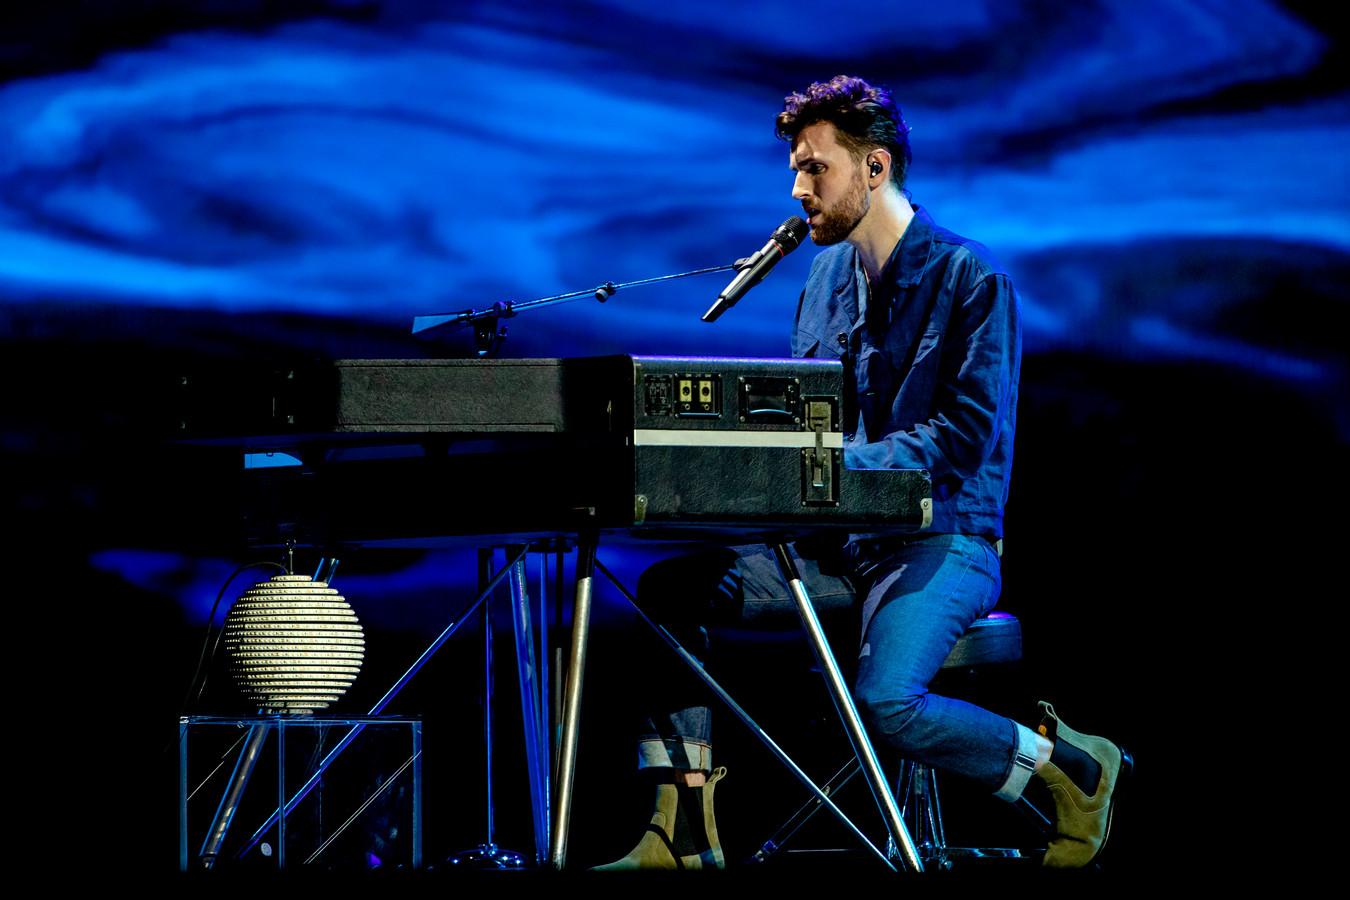 Zanger Duncan Laurence zingt zijn winnende nummer Arcade tijdens het Eurovisie Songfestival. De IJsselhallen zagen zo'n feest wel zitten, maar kunnen het niet organiseren. Duncan is op 1 november overigens wel in Zwolle voor een optreden in Hedon.